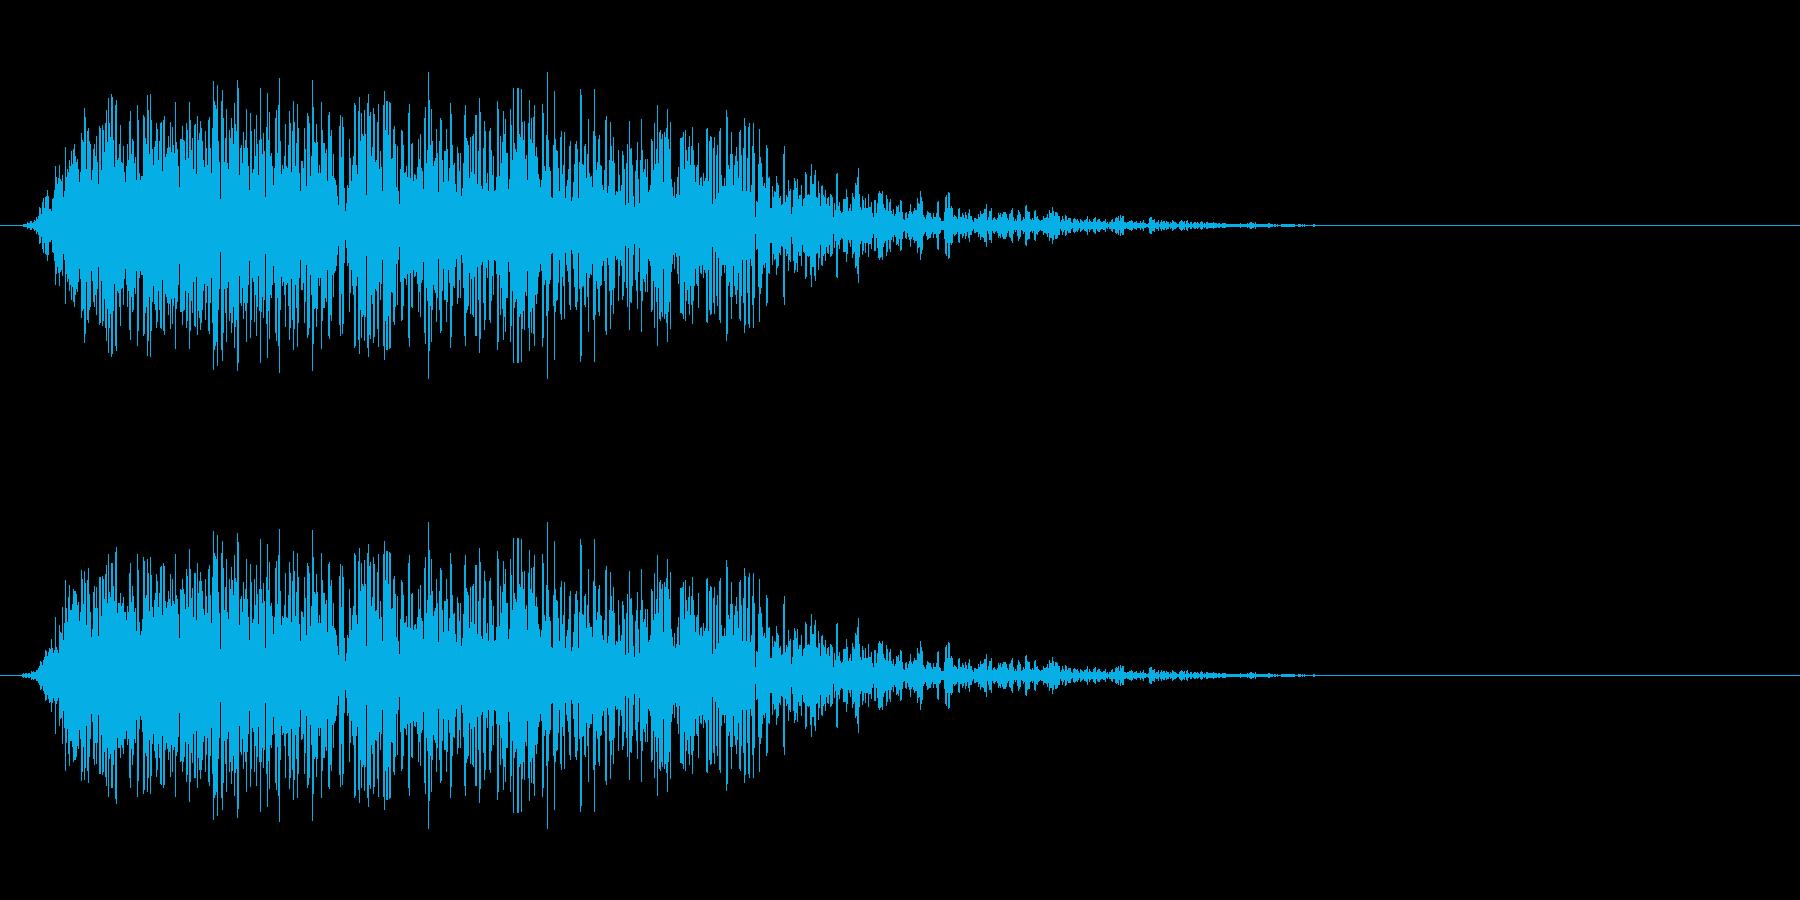 爆発音。ブースト音など。の再生済みの波形